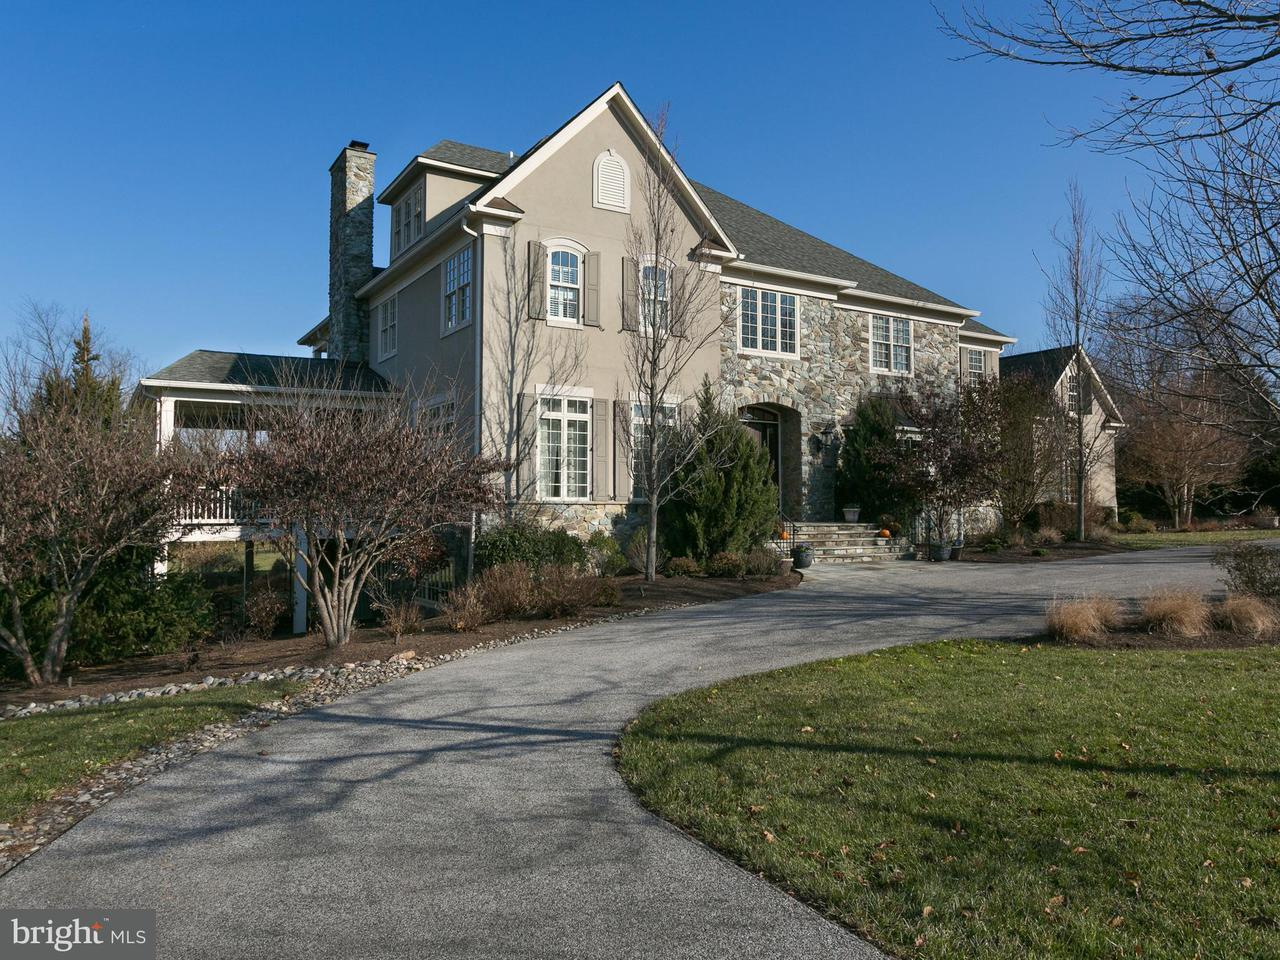 Частный односемейный дом для того Продажа на 15310 LEONDINA Drive 15310 LEONDINA Drive Glenwood, Мэриленд 21738 Соединенные Штаты